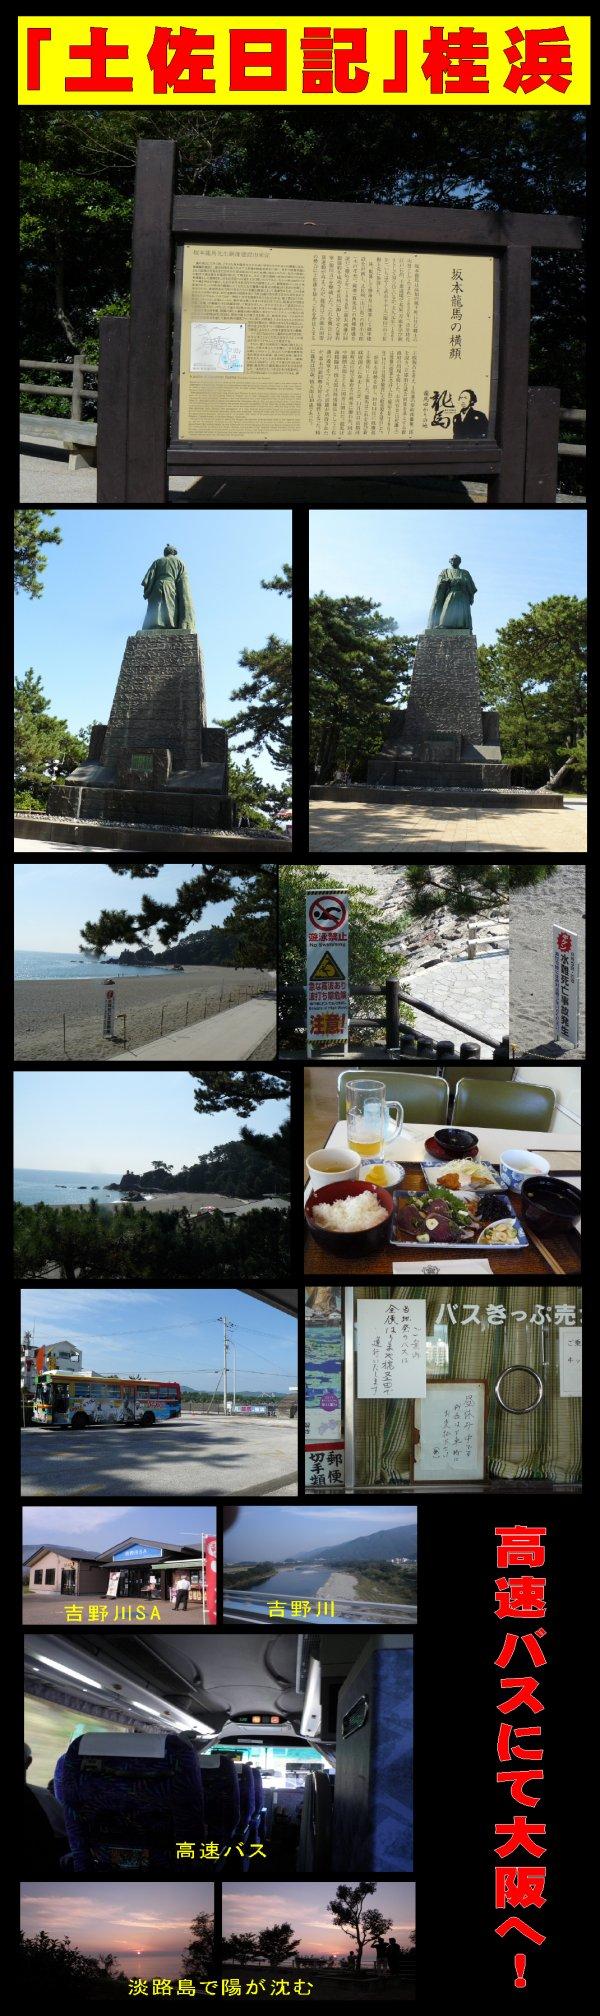 土佐日記 桂浜